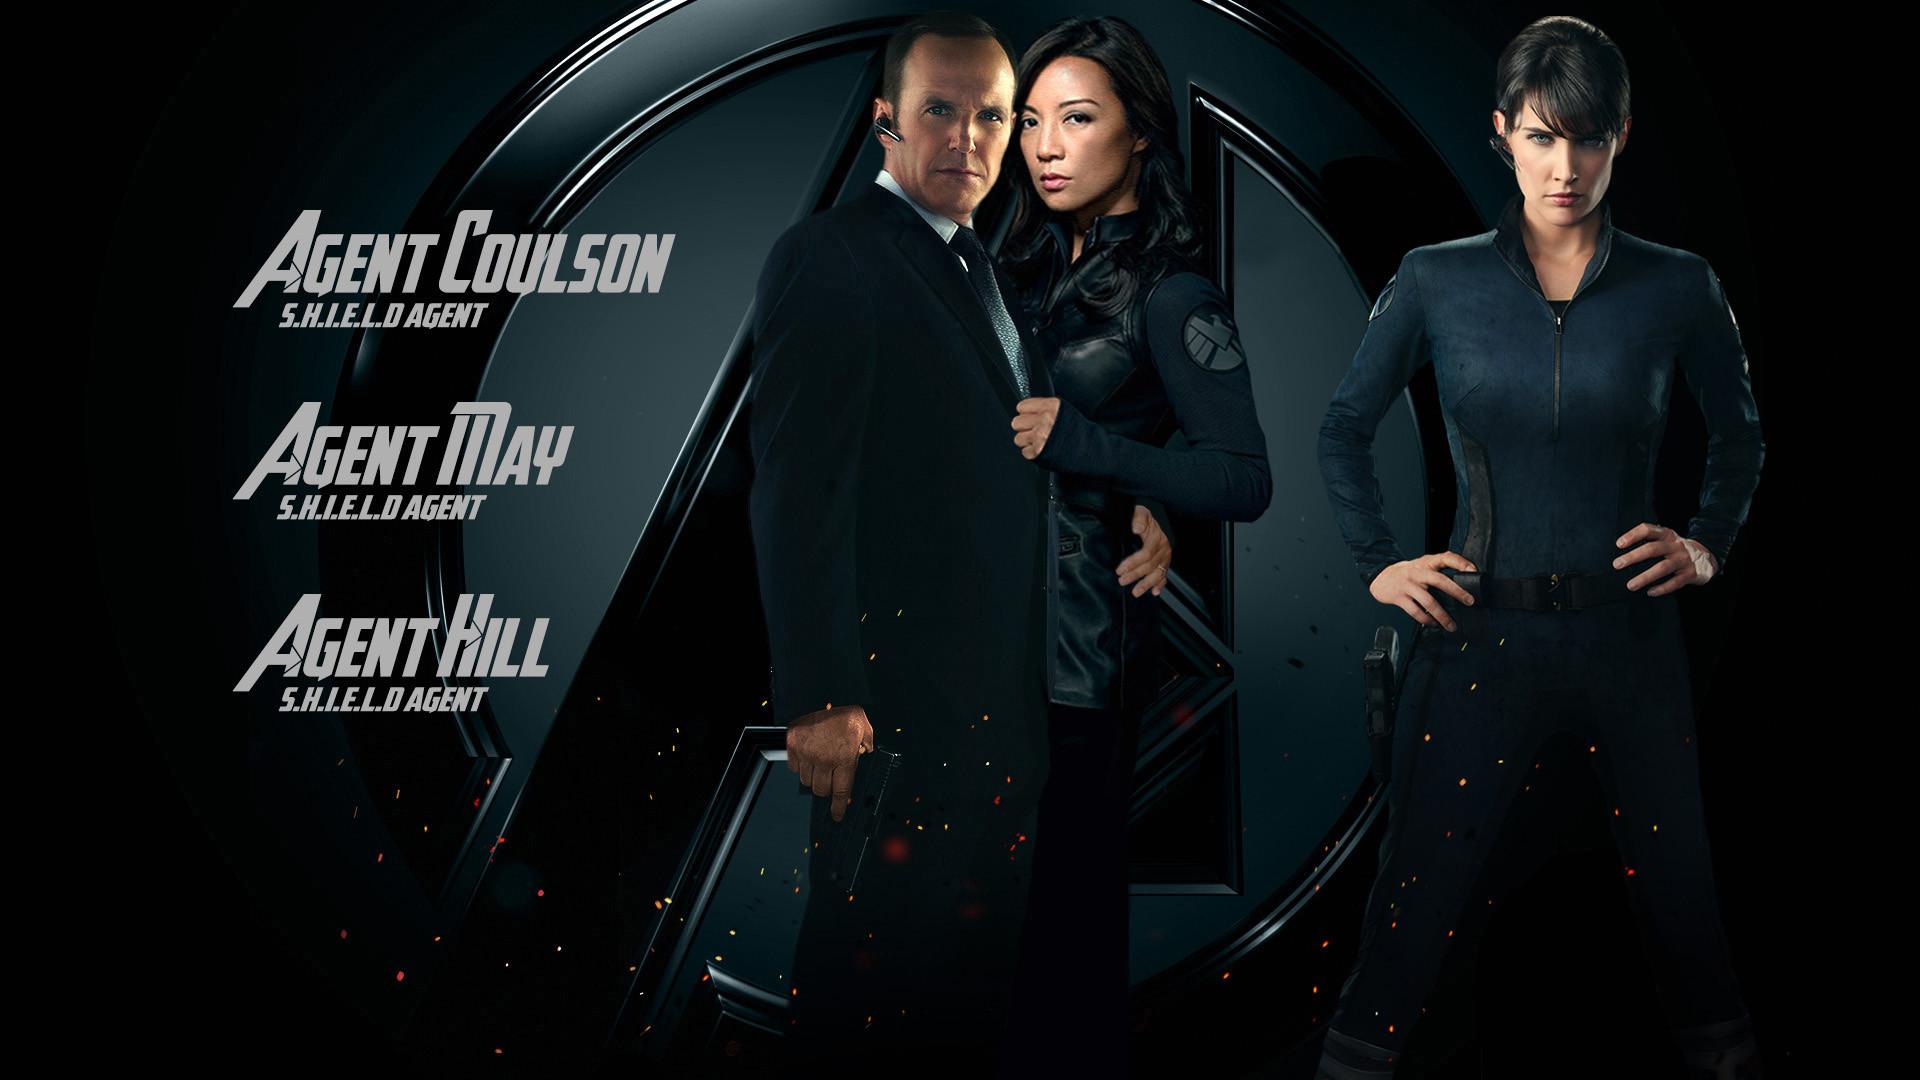 Agents of S.H.I.E.L.D TV Series